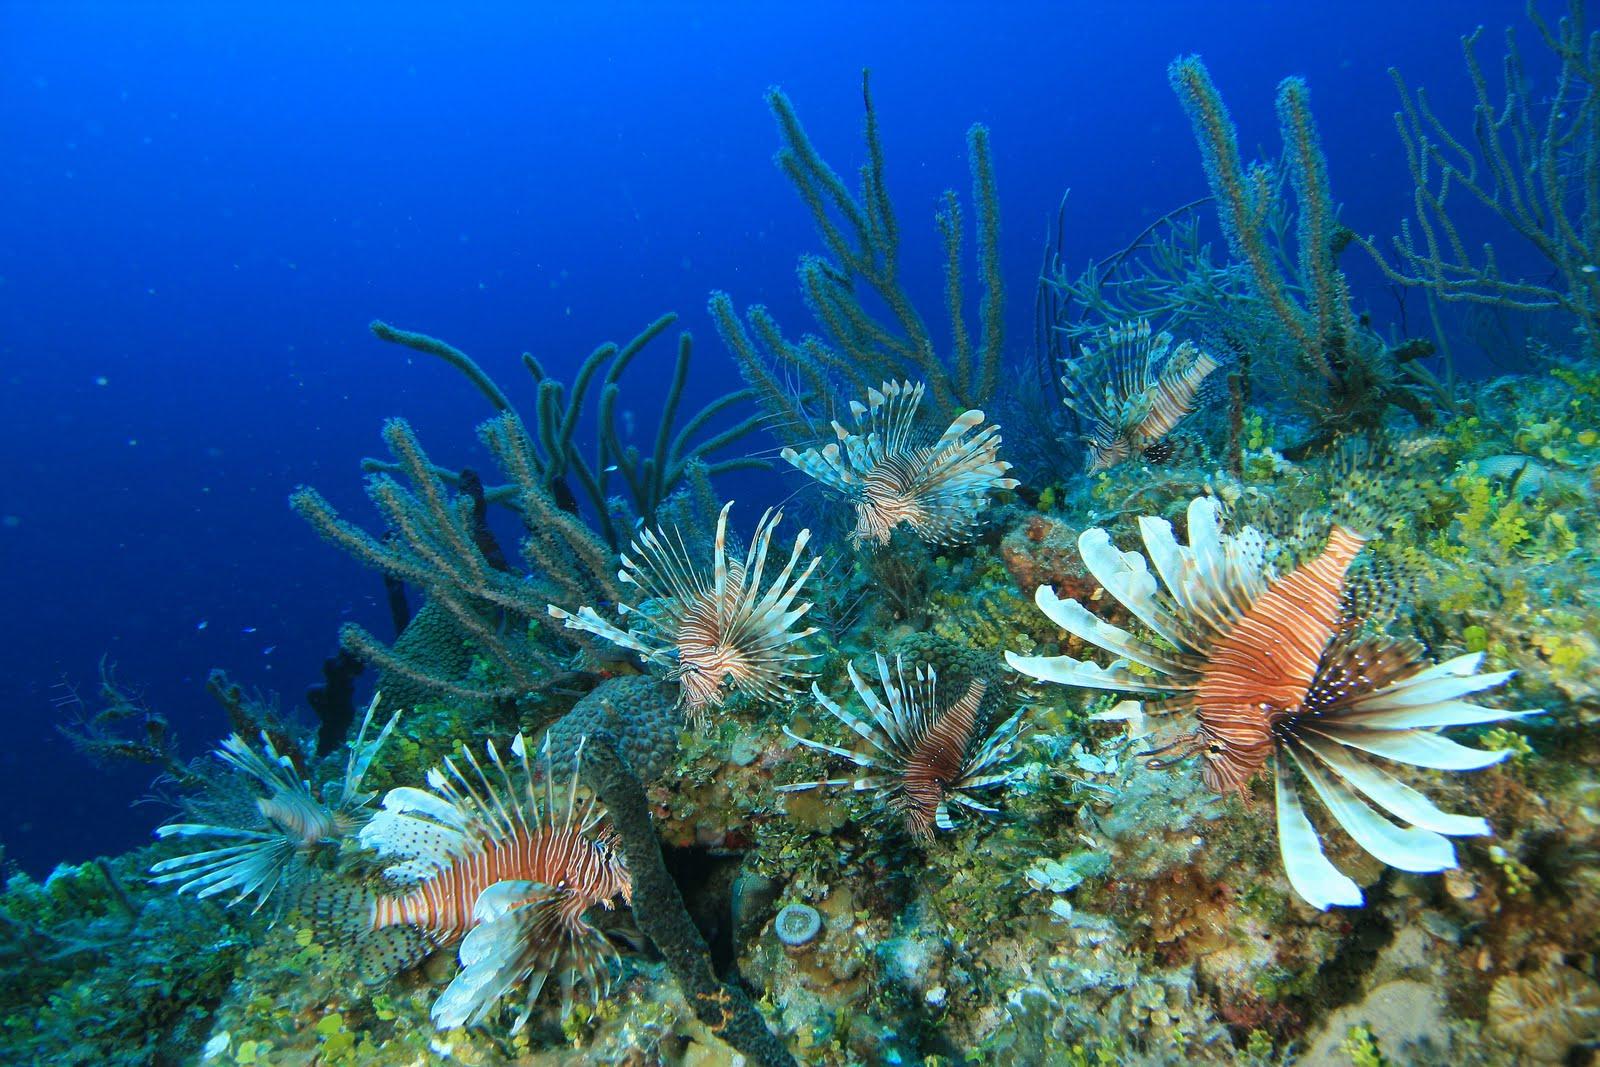 Lionfish Hunter: Grand Cayman Lionfish Safari